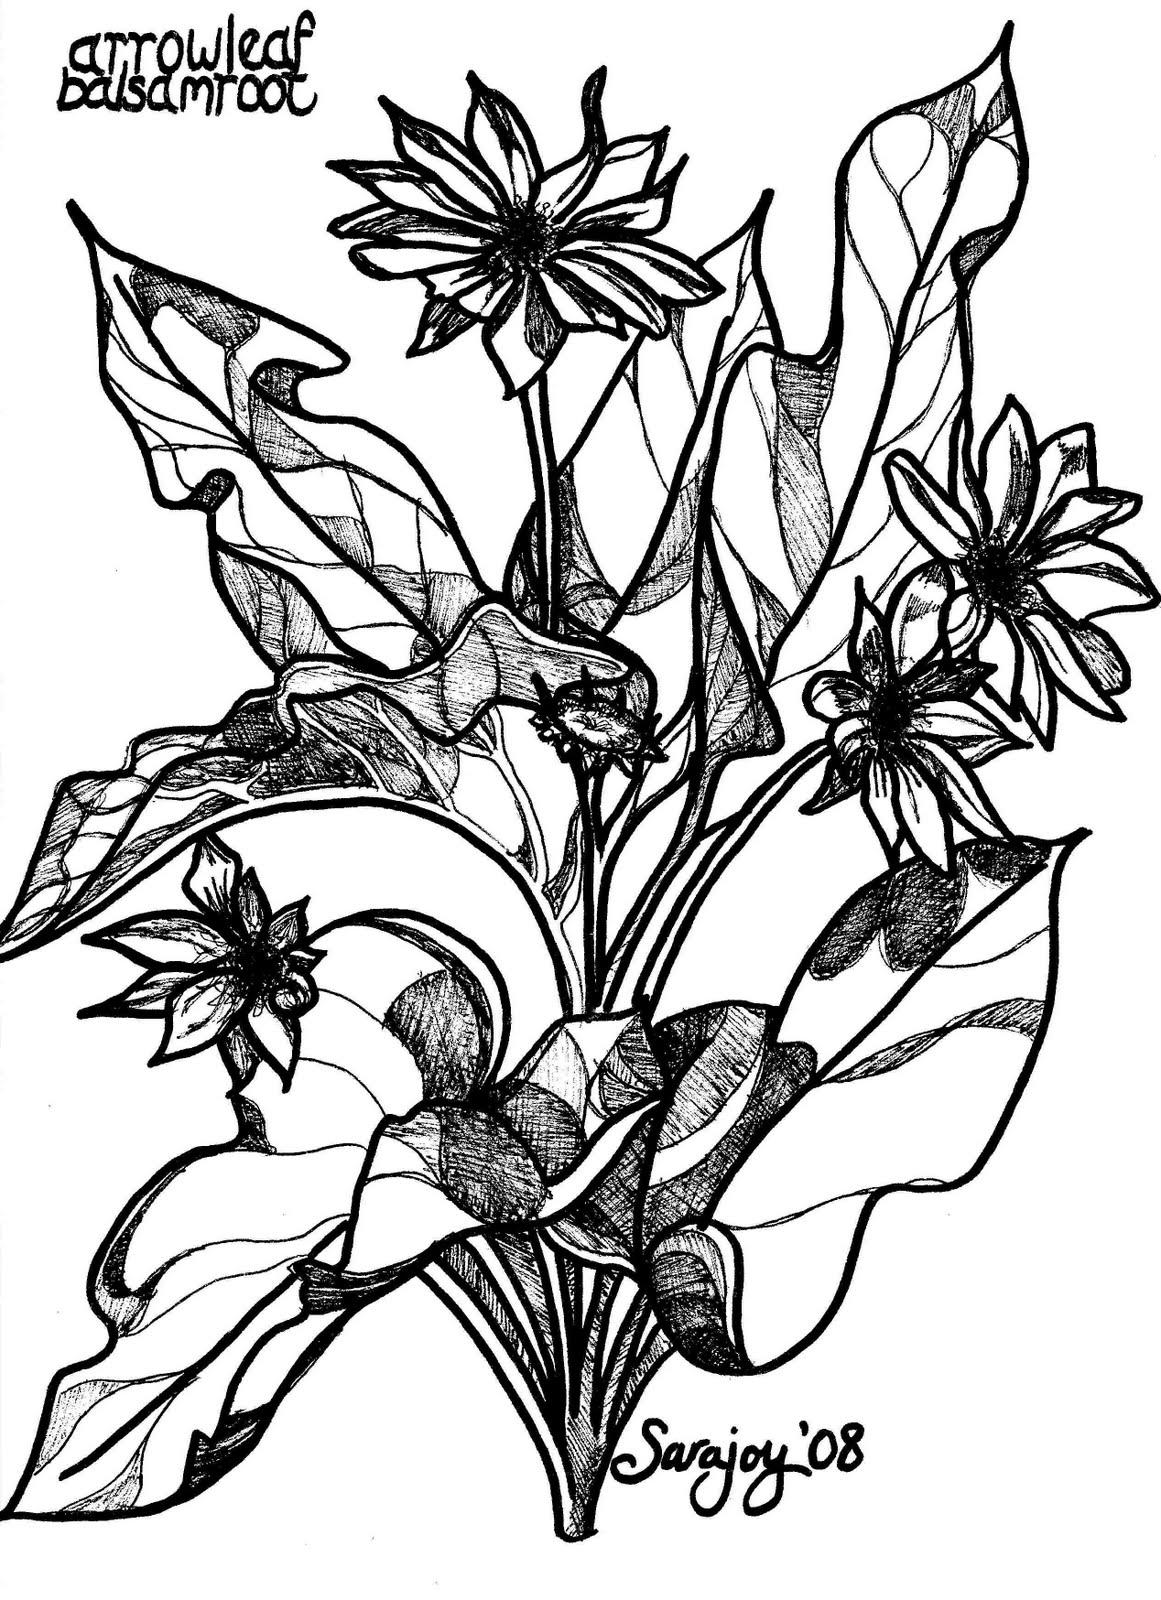 Arrowleaf Balsam Root svg #13, Download drawings